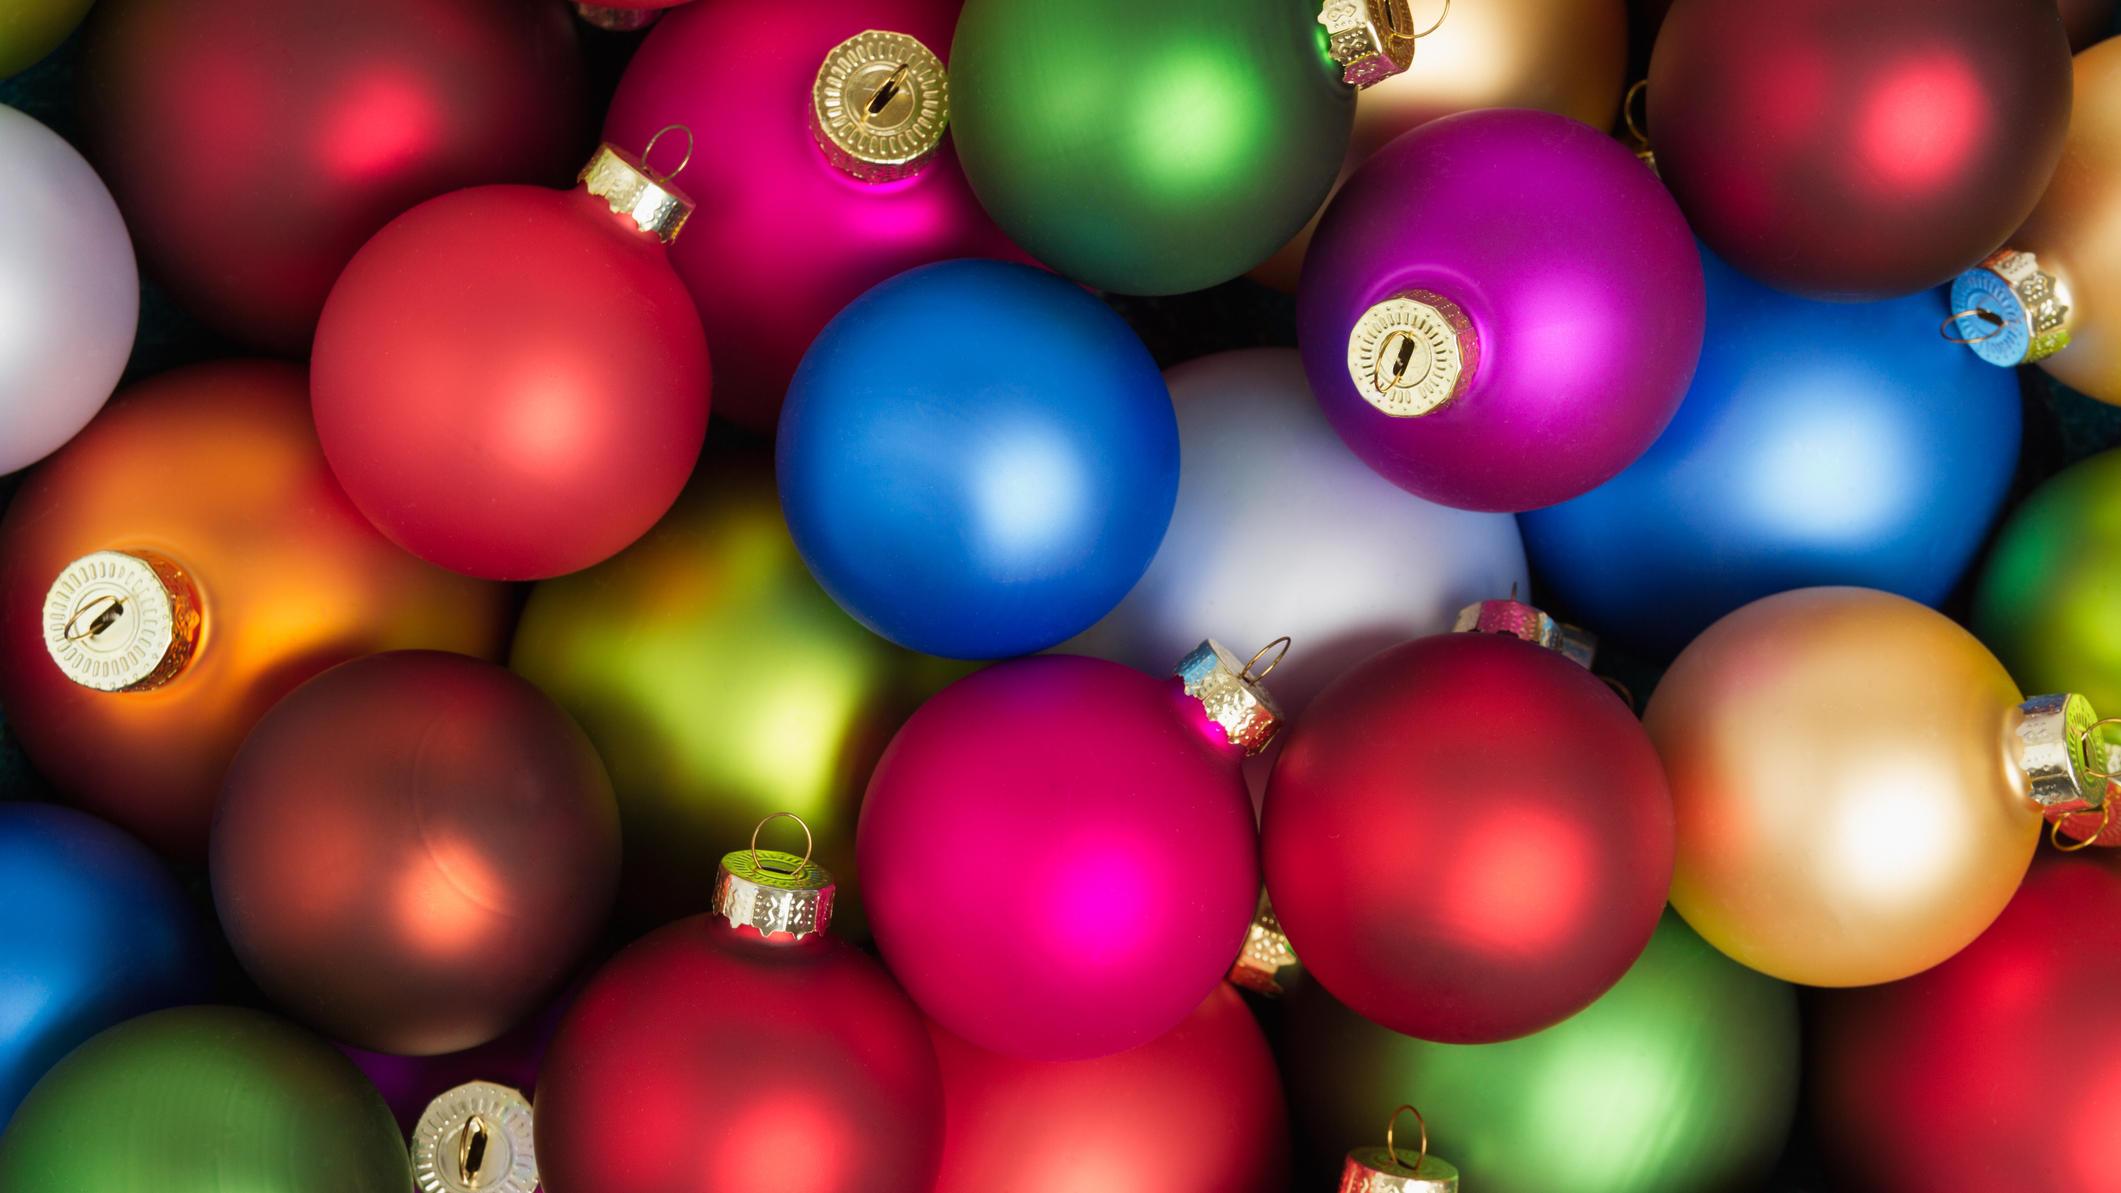 Christbaumkugeln Magenta.Christbaumkugeln Das Verrät Die Farbe Ihrer Kugeln über Sie